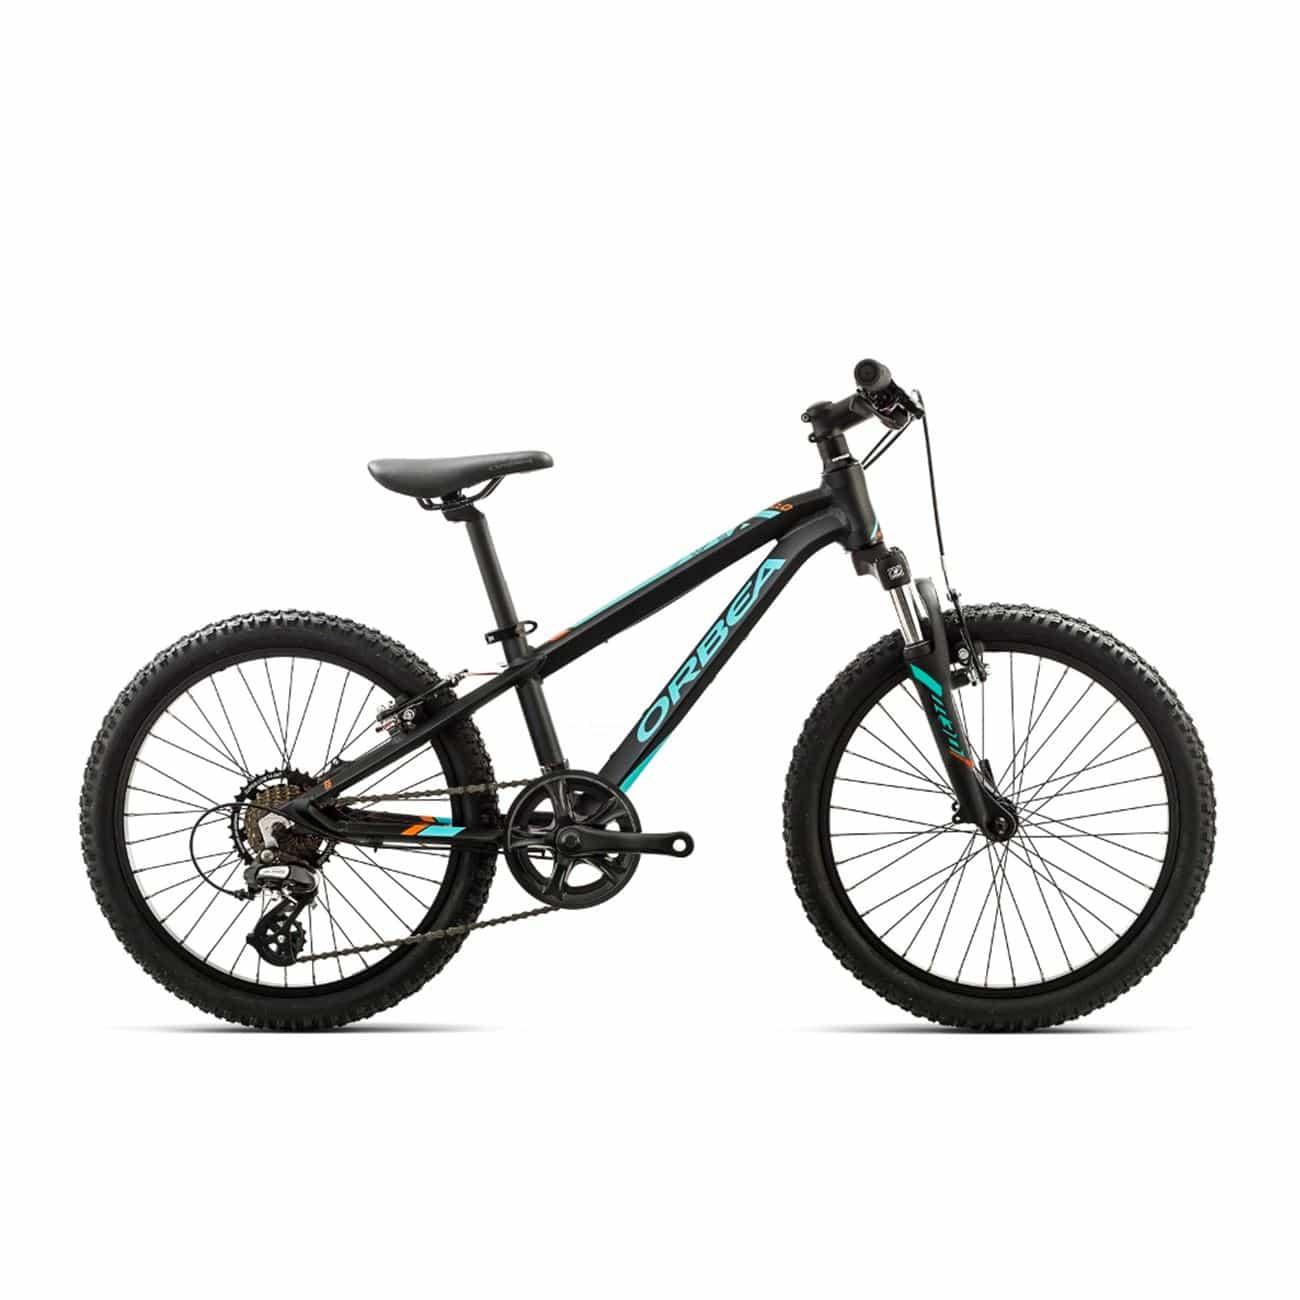 Ποδήλατο Orbea MX Παιδικό - Ποδήλατα